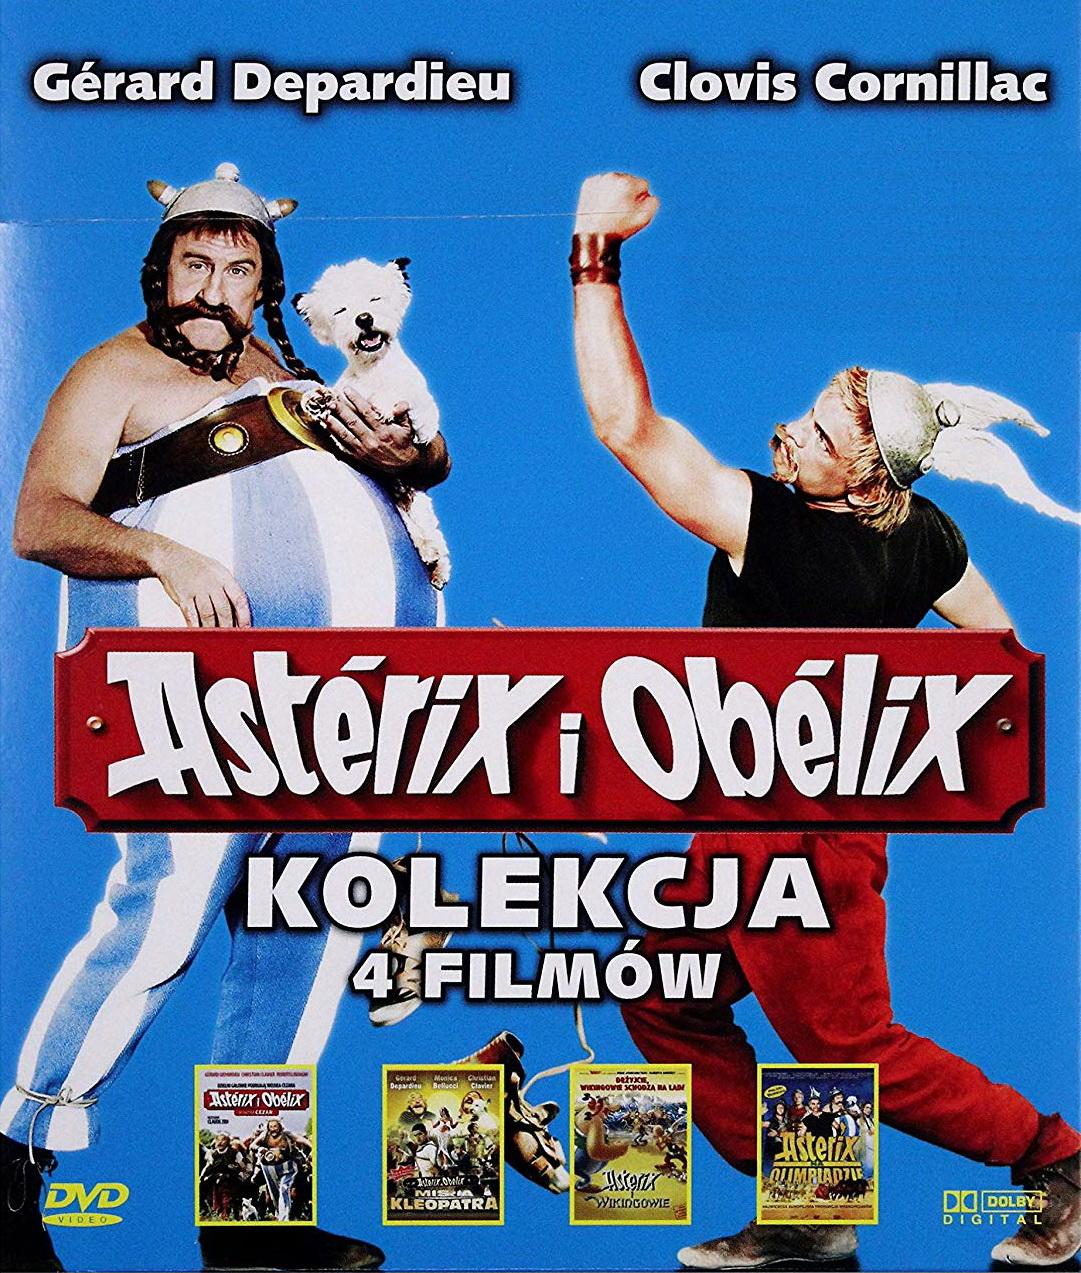 Asterix i Obelix Kolekcja (1999-2012) PLDUB.BRRip.480p.XviD.AC3-LTN  / POLSKI DUBBING